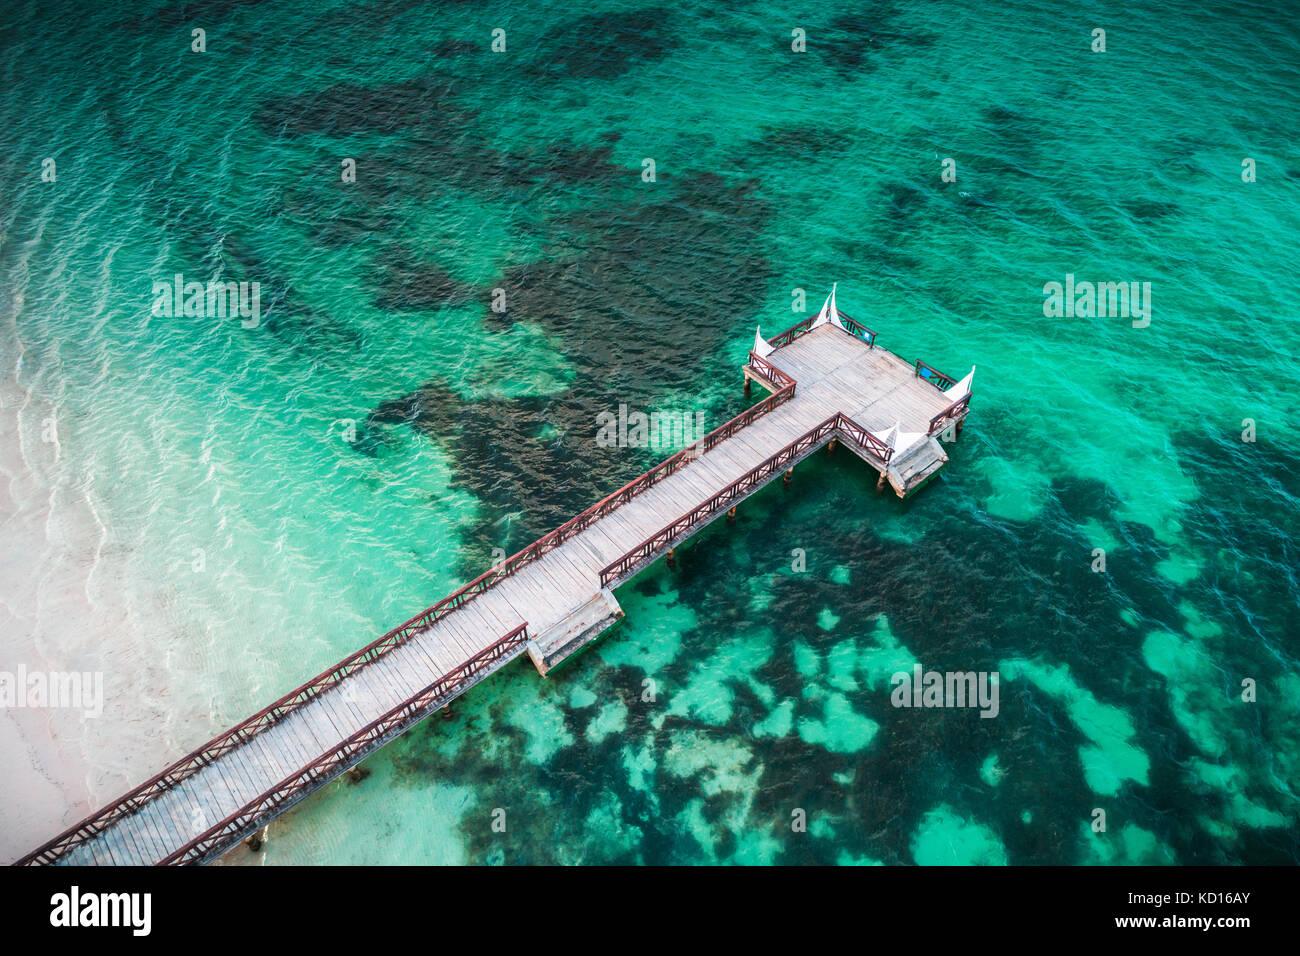 Vista aerea del legno tropicale pier e il turchese del mare dei Caraibi in Punta Cana Repubblica Dominicana Immagini Stock